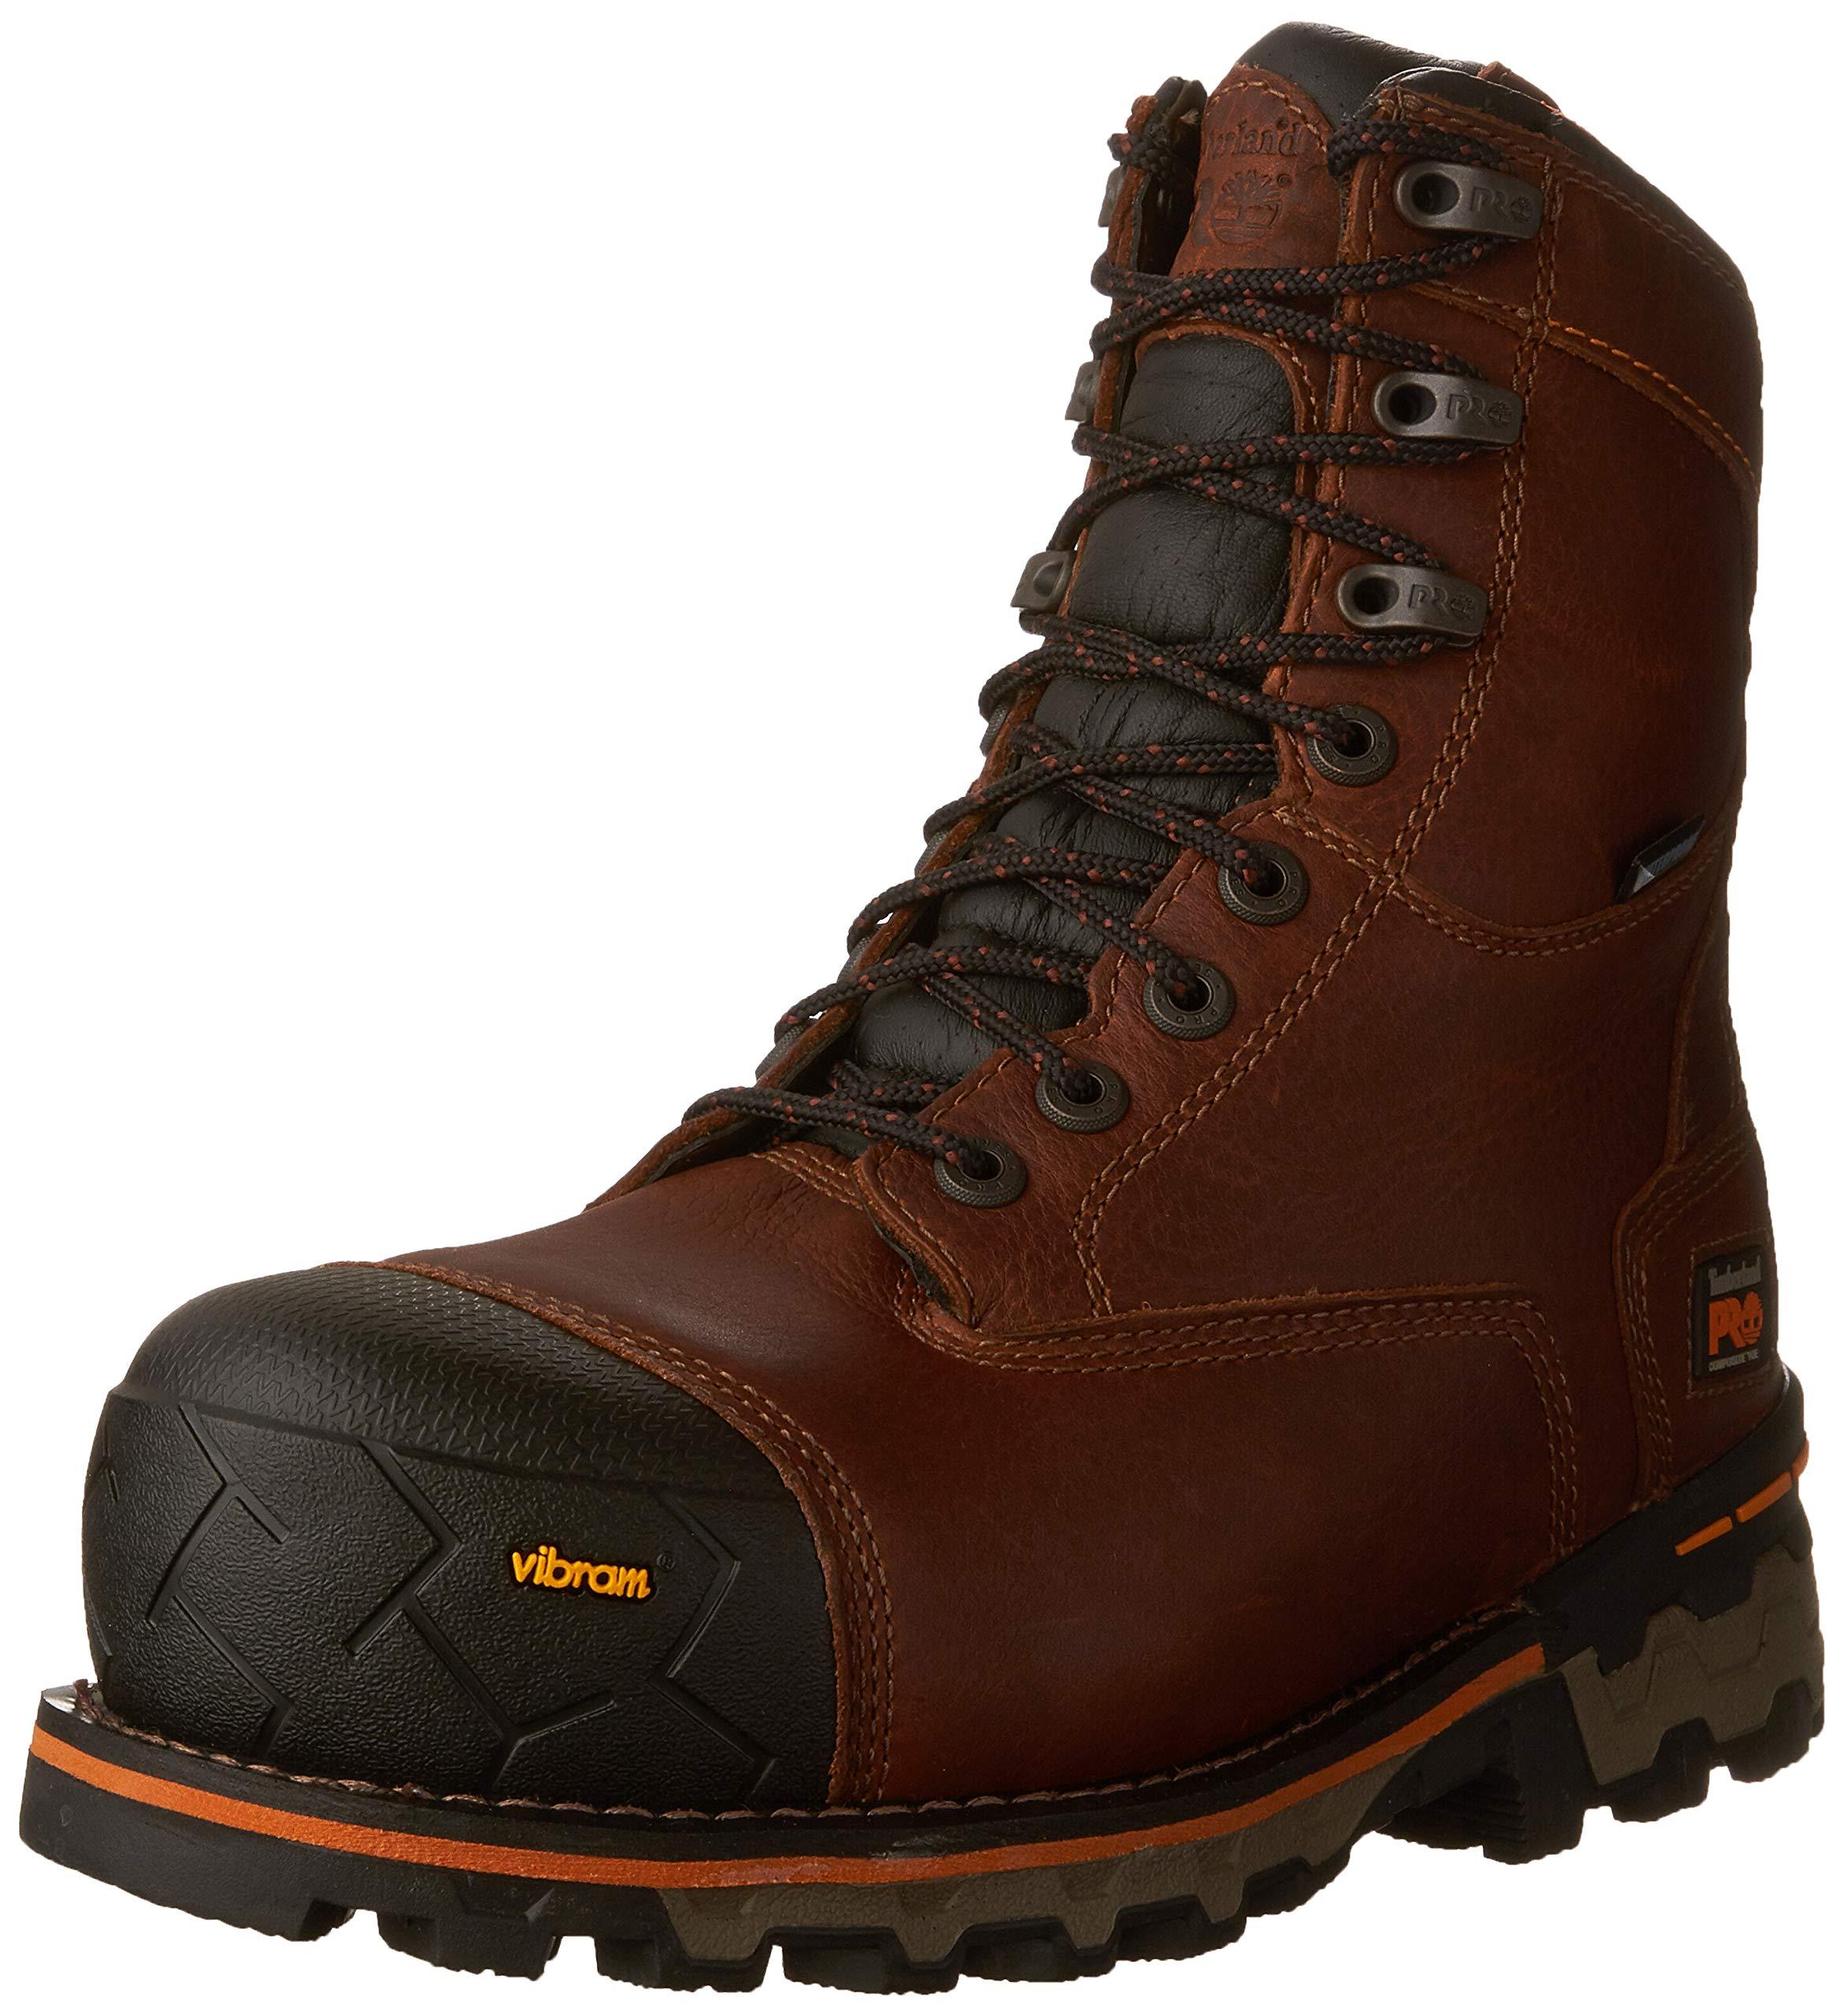 Timberland PRO Men's Boondock 8'' Composite Toe Puncture Resistant Waterproof Industrial Boot, Brown, 10 M US